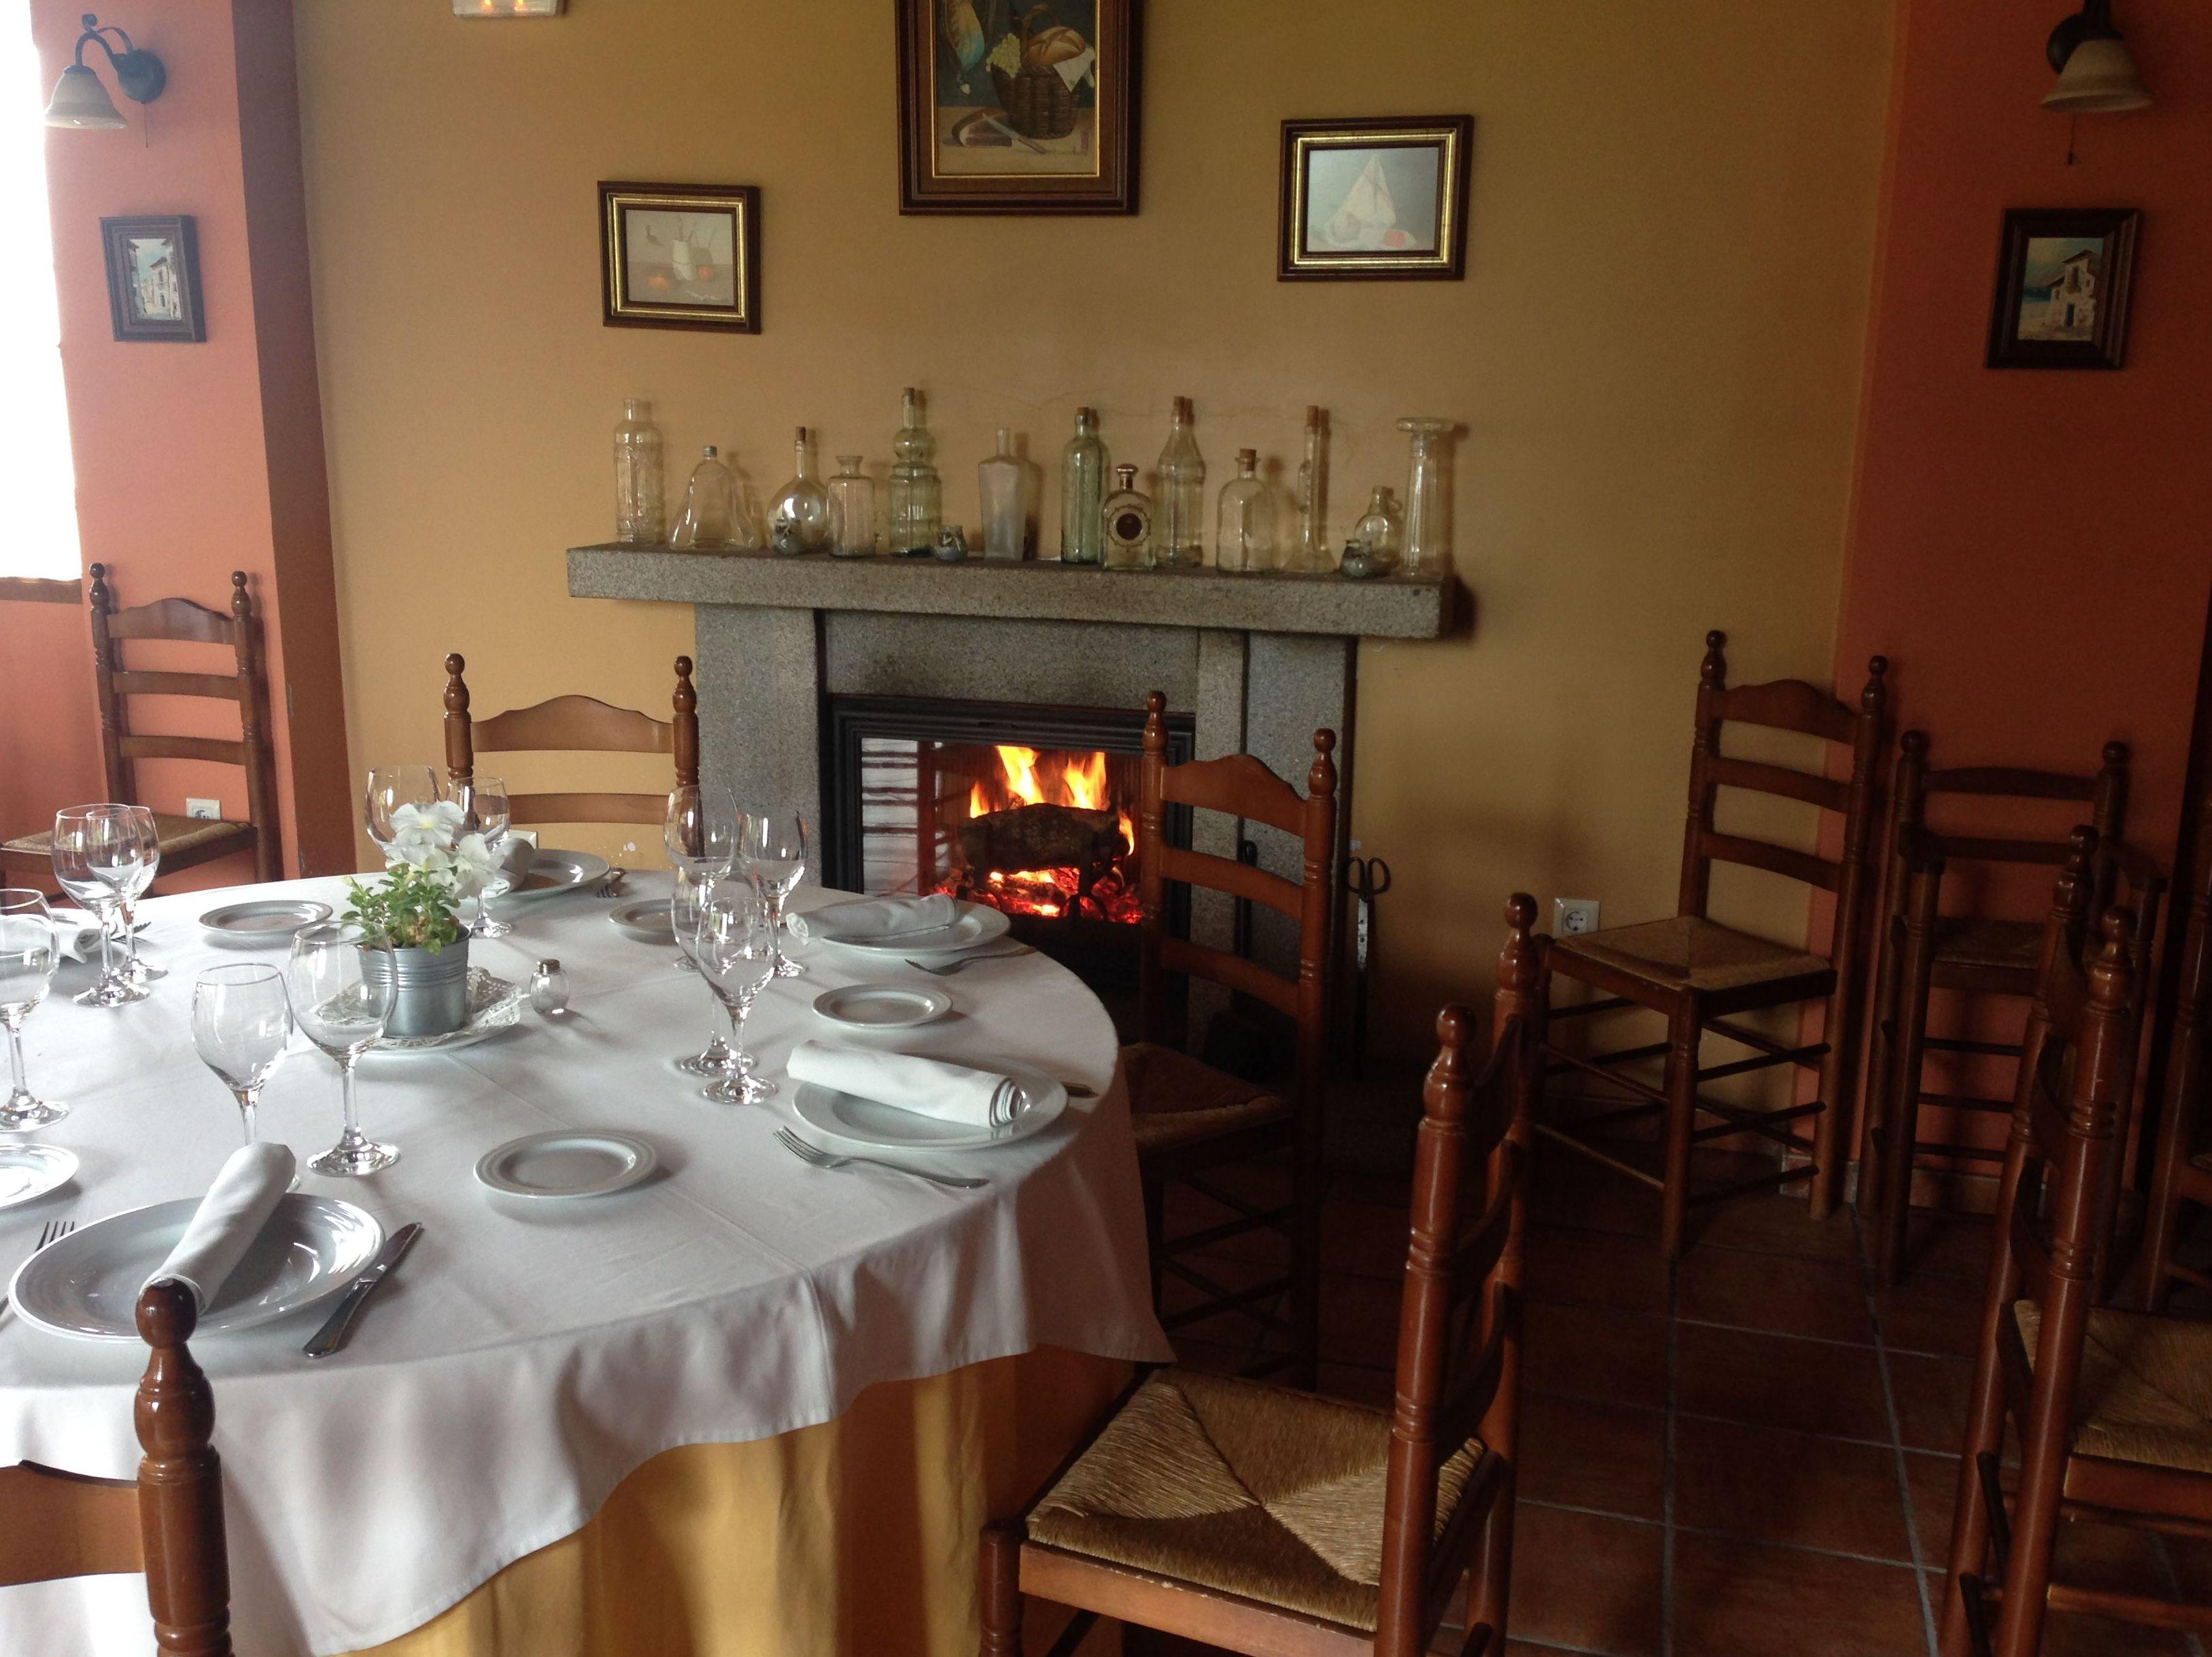 Foto 2 de Restaurante en Vallejera de Riofrío | La Corrobla